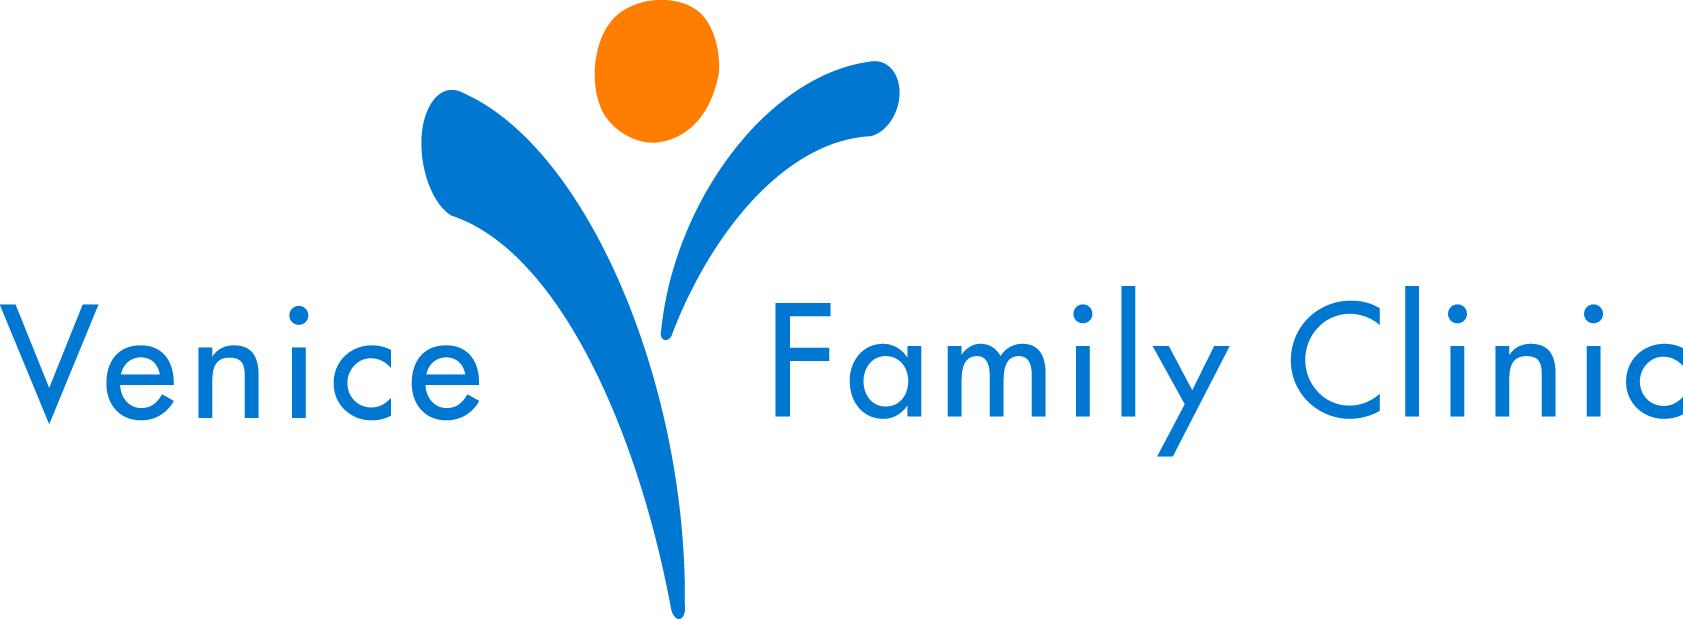 UCLA – Venice Family Clinic   CAADE Job Board